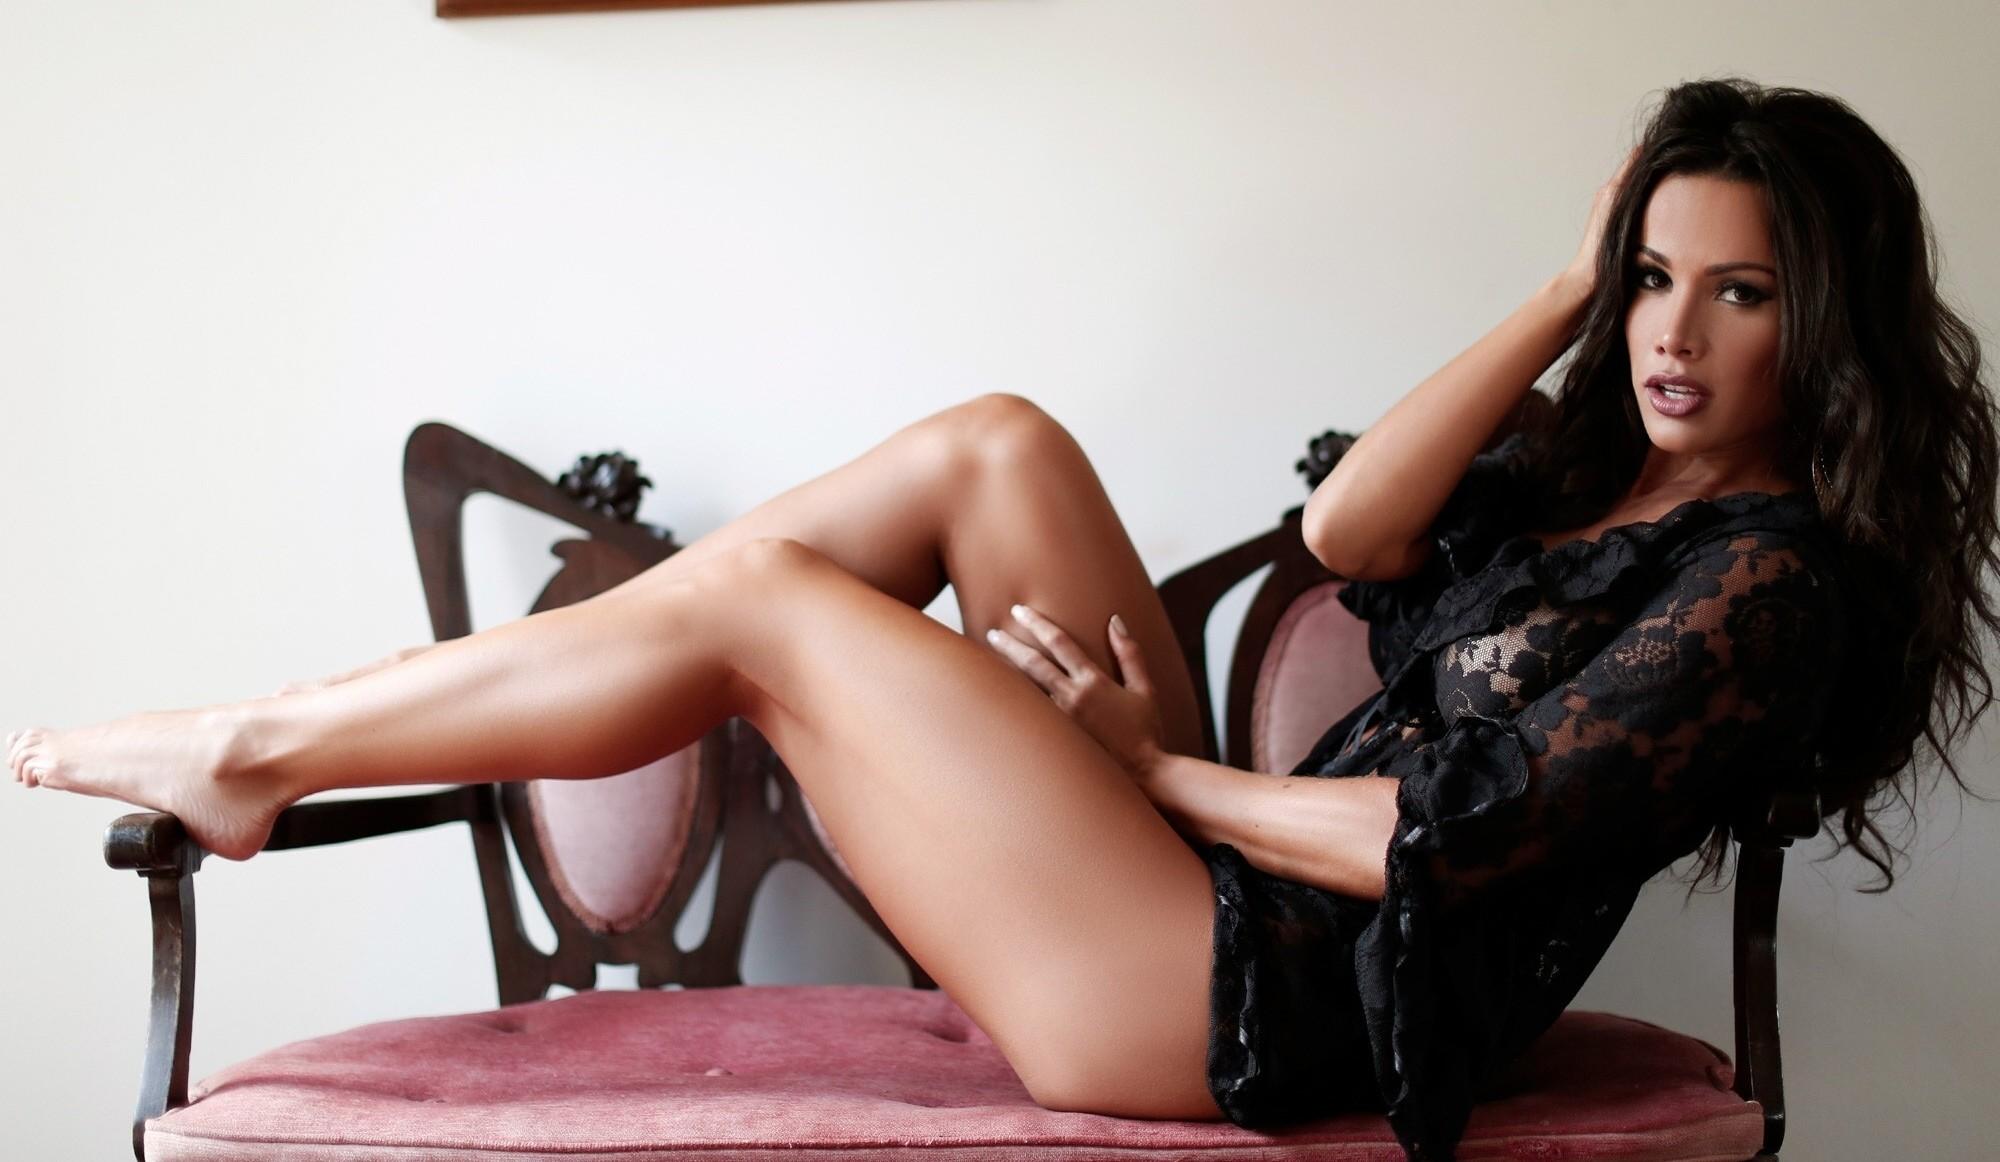 Секс онлайн красотка с длинными ногами, сайт женщин в магнитогорске с большими попами